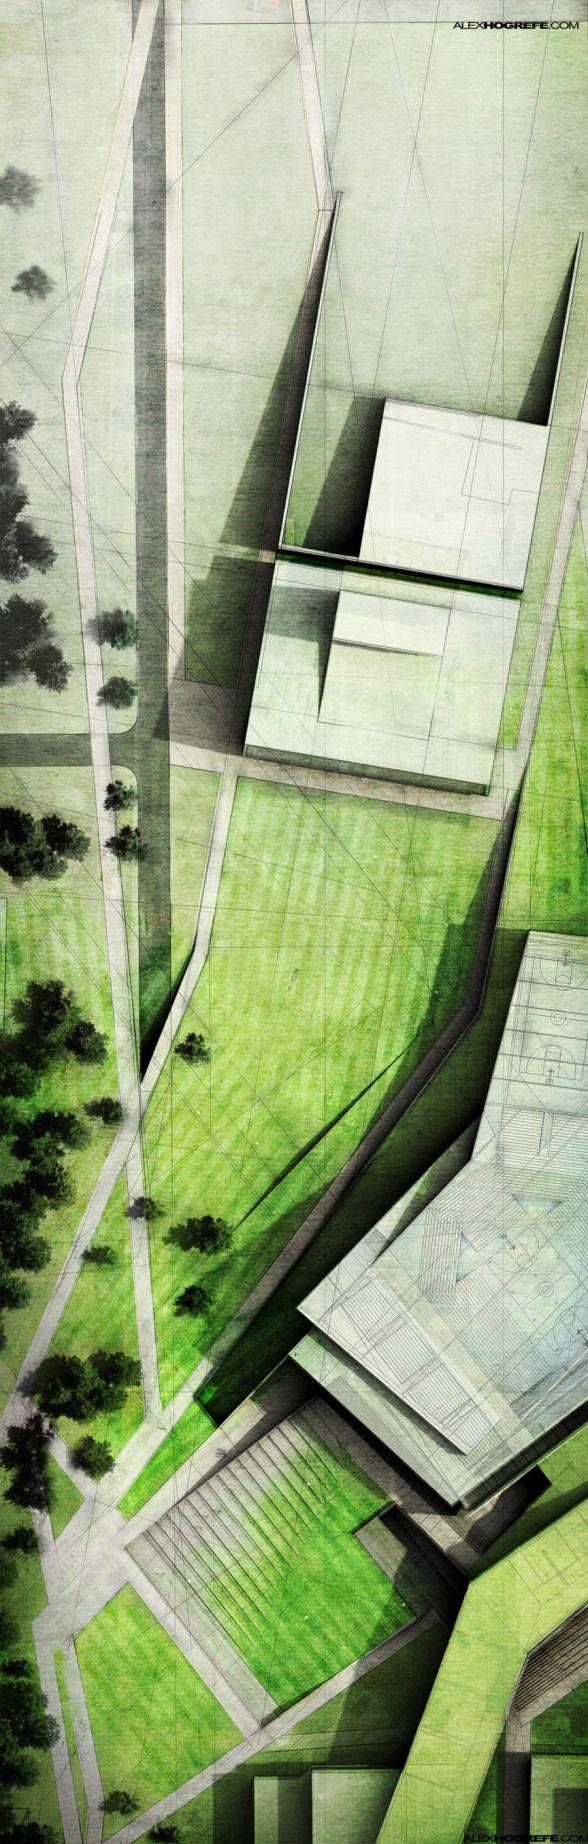 Alex Hogrefe, Architecture Graphics